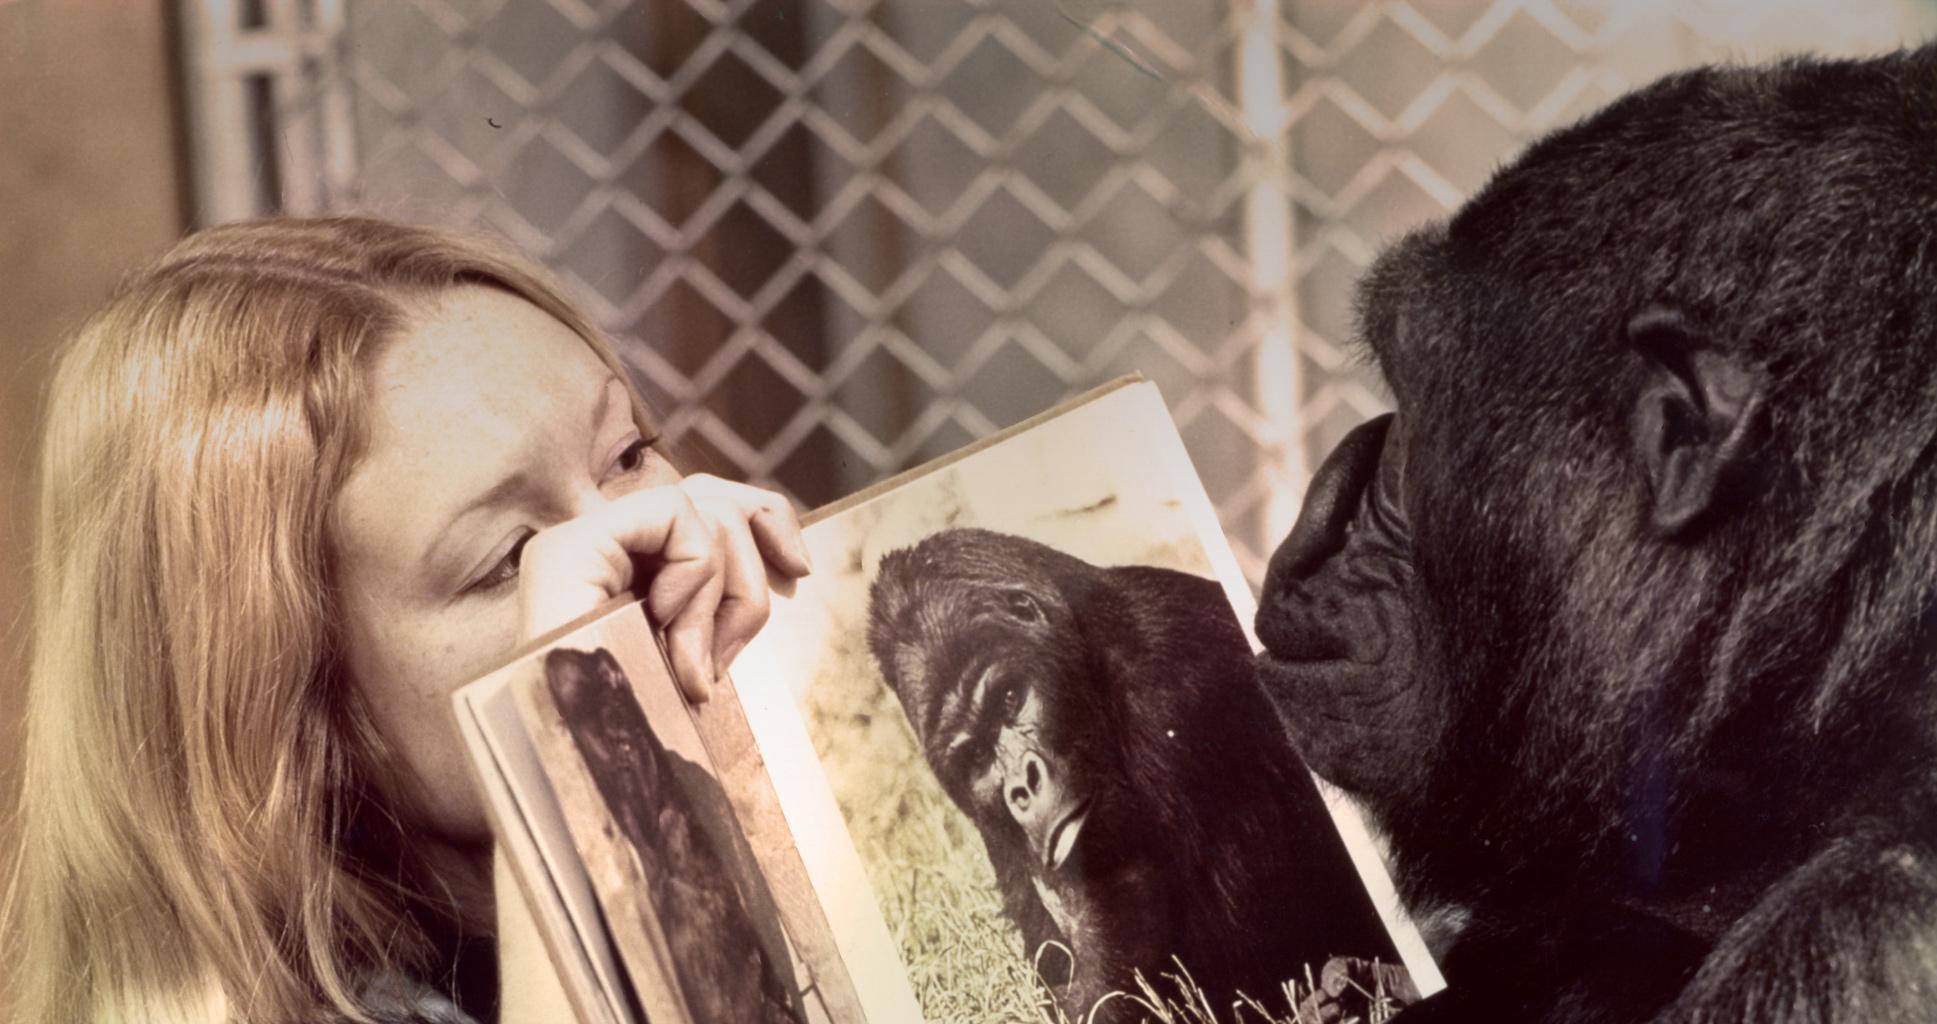 Une conversation avec Koko le gorille